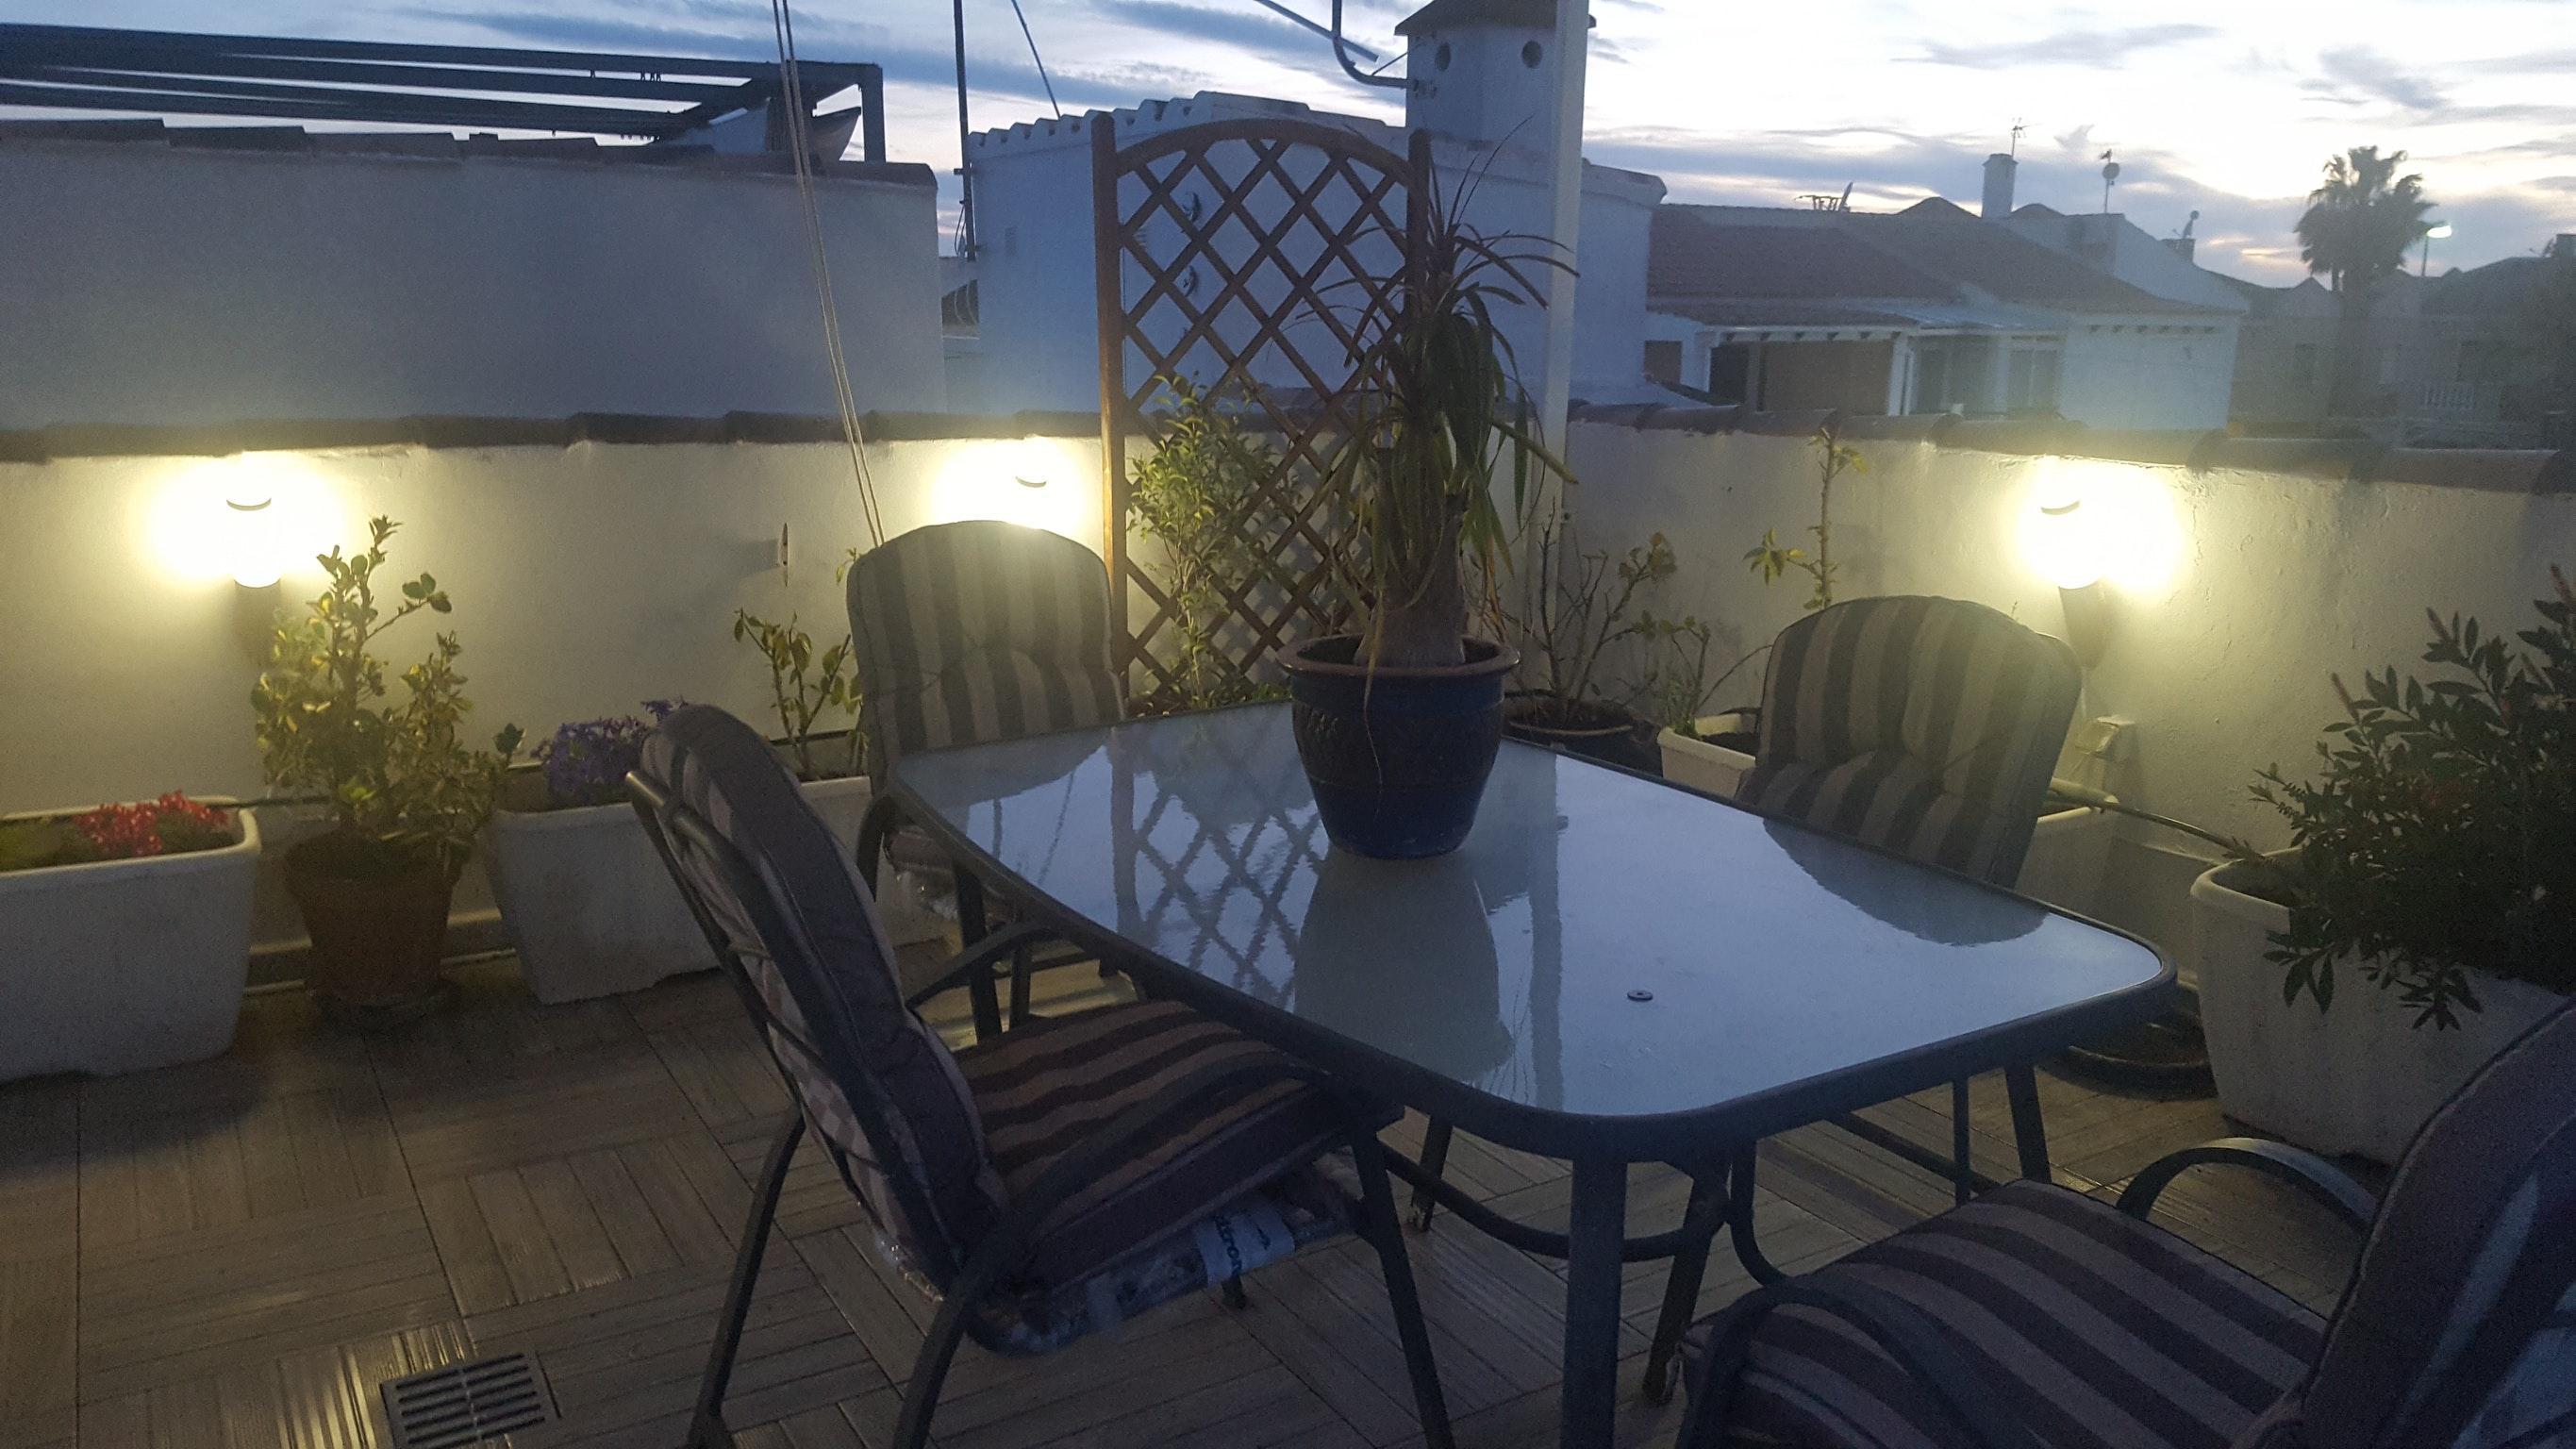 Ferienhaus Sonniges Haus mit 2 Schlafzimmern, WLAN, Swimmingpool und Solarium nahe Torrevieja - 1km z (2202043), Torrevieja, Costa Blanca, Valencia, Spanien, Bild 23